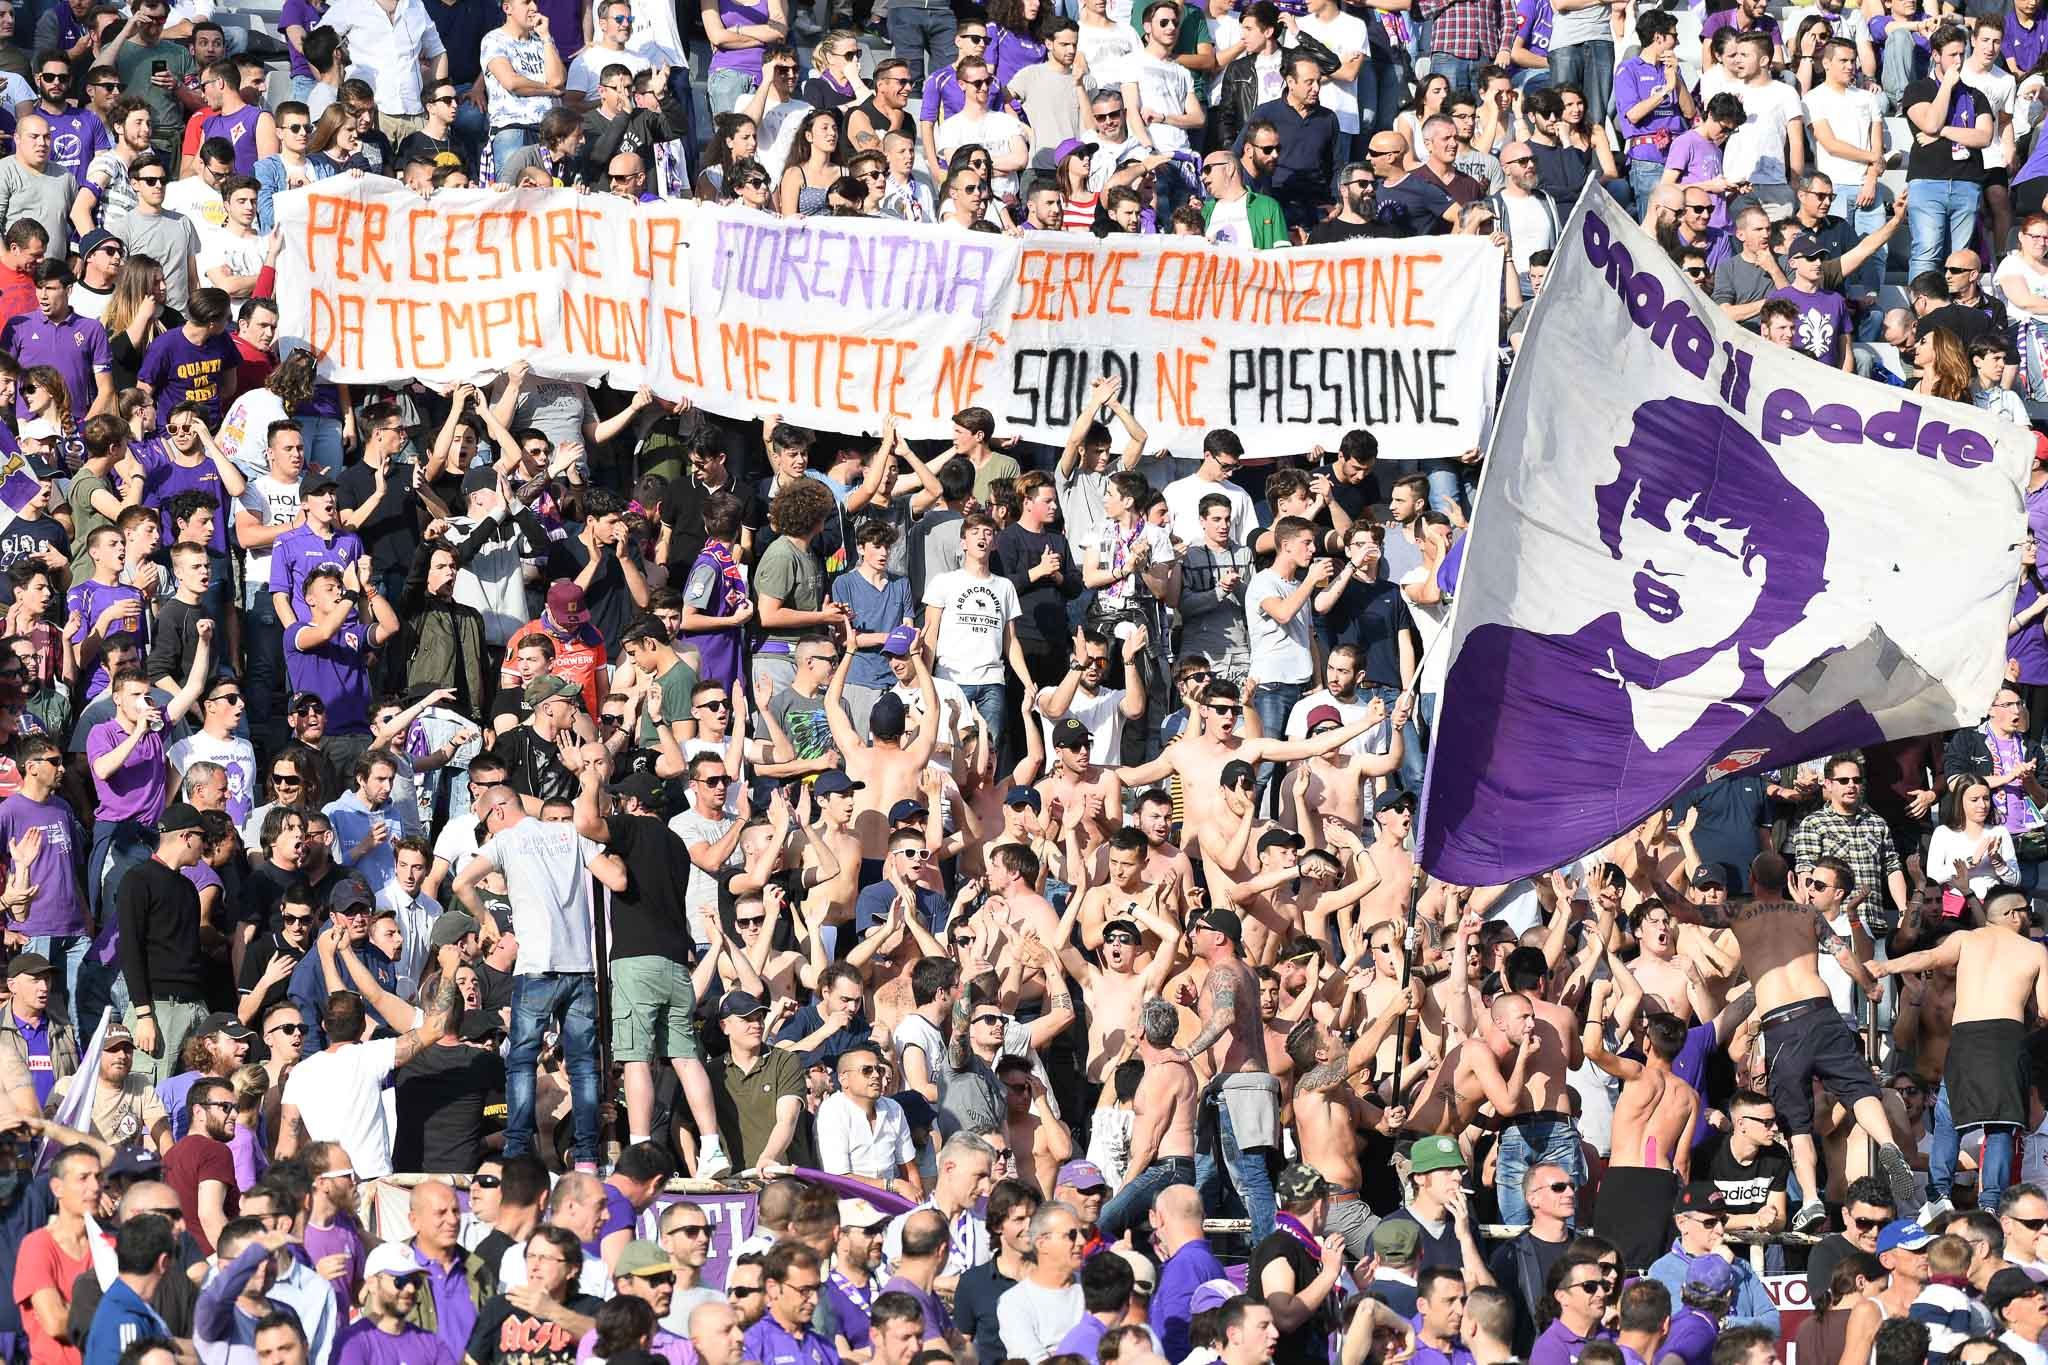 """""""Per gestire la Fiorentina serve convinzione, da tempo non ci mettete nè soldi nè passione"""" cosi la Fiesole critica i Della Valle"""